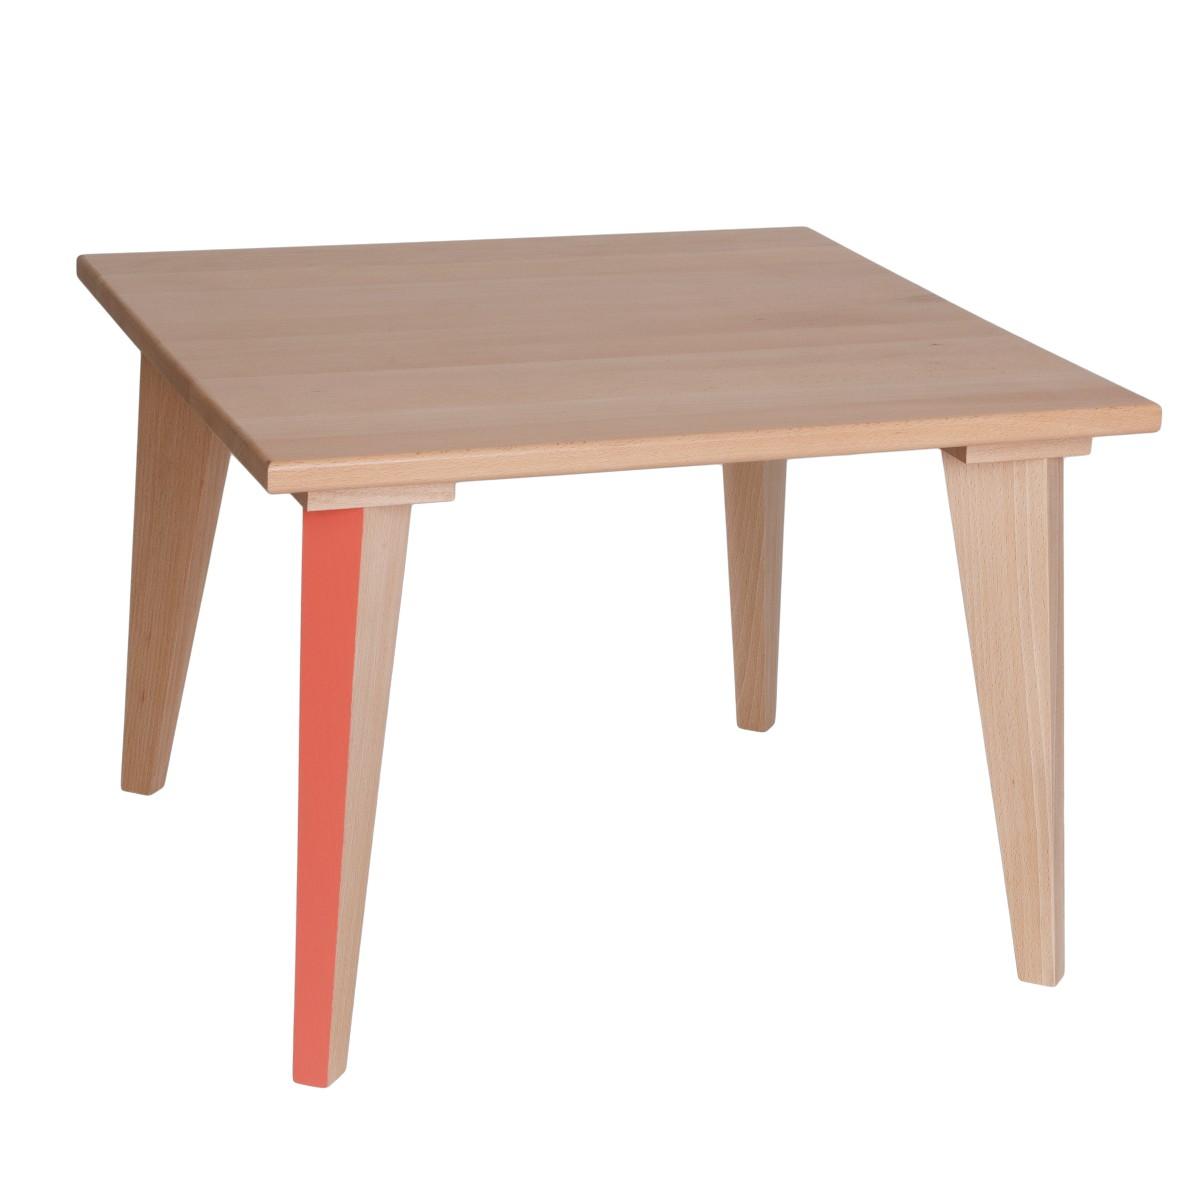 Table basse en bois pour enfant